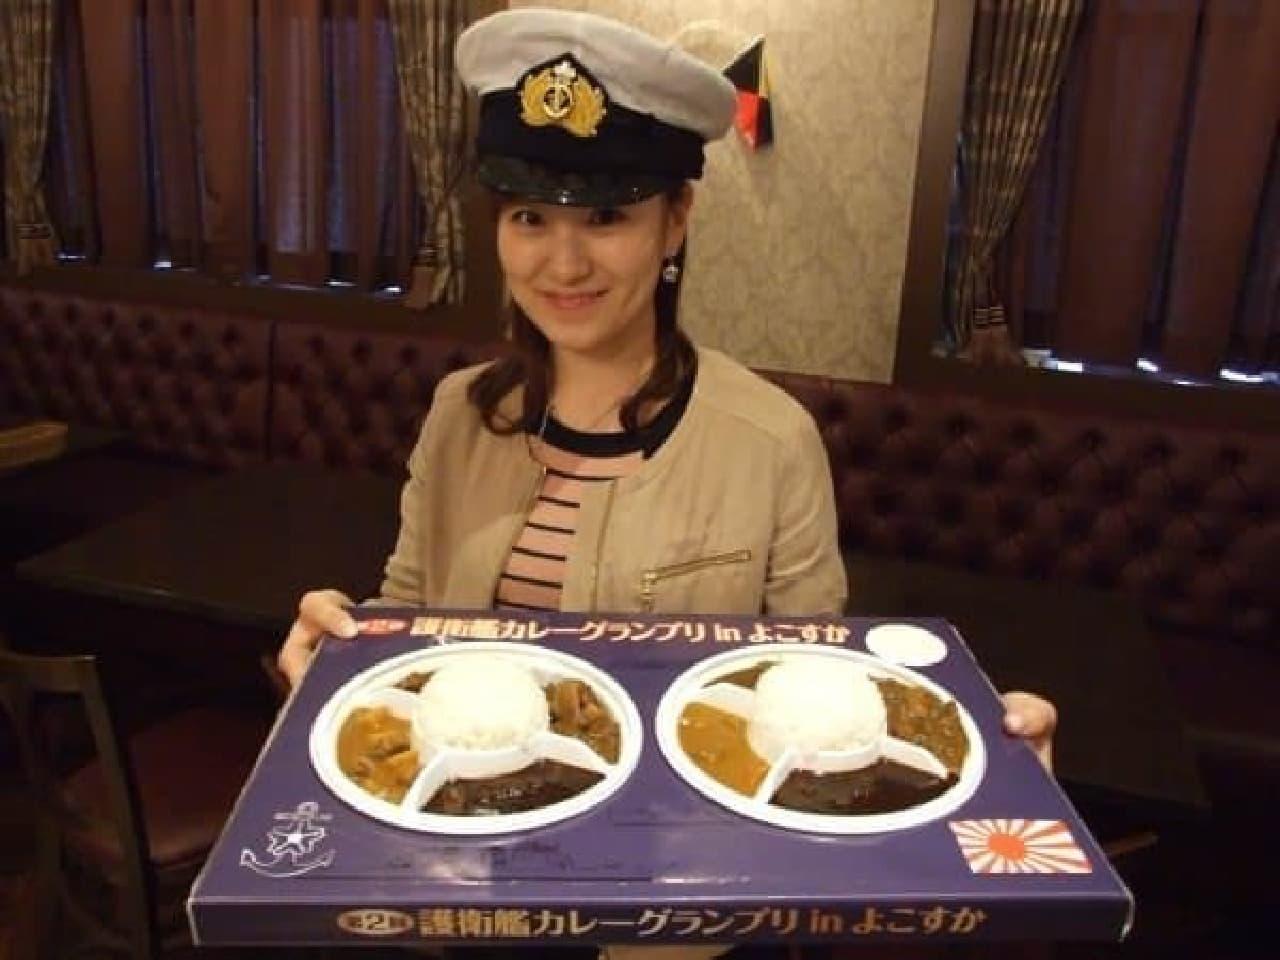 本物の海軍カレー、食べてみない?  (出典:横須賀観光情報 cocoyoko.net)